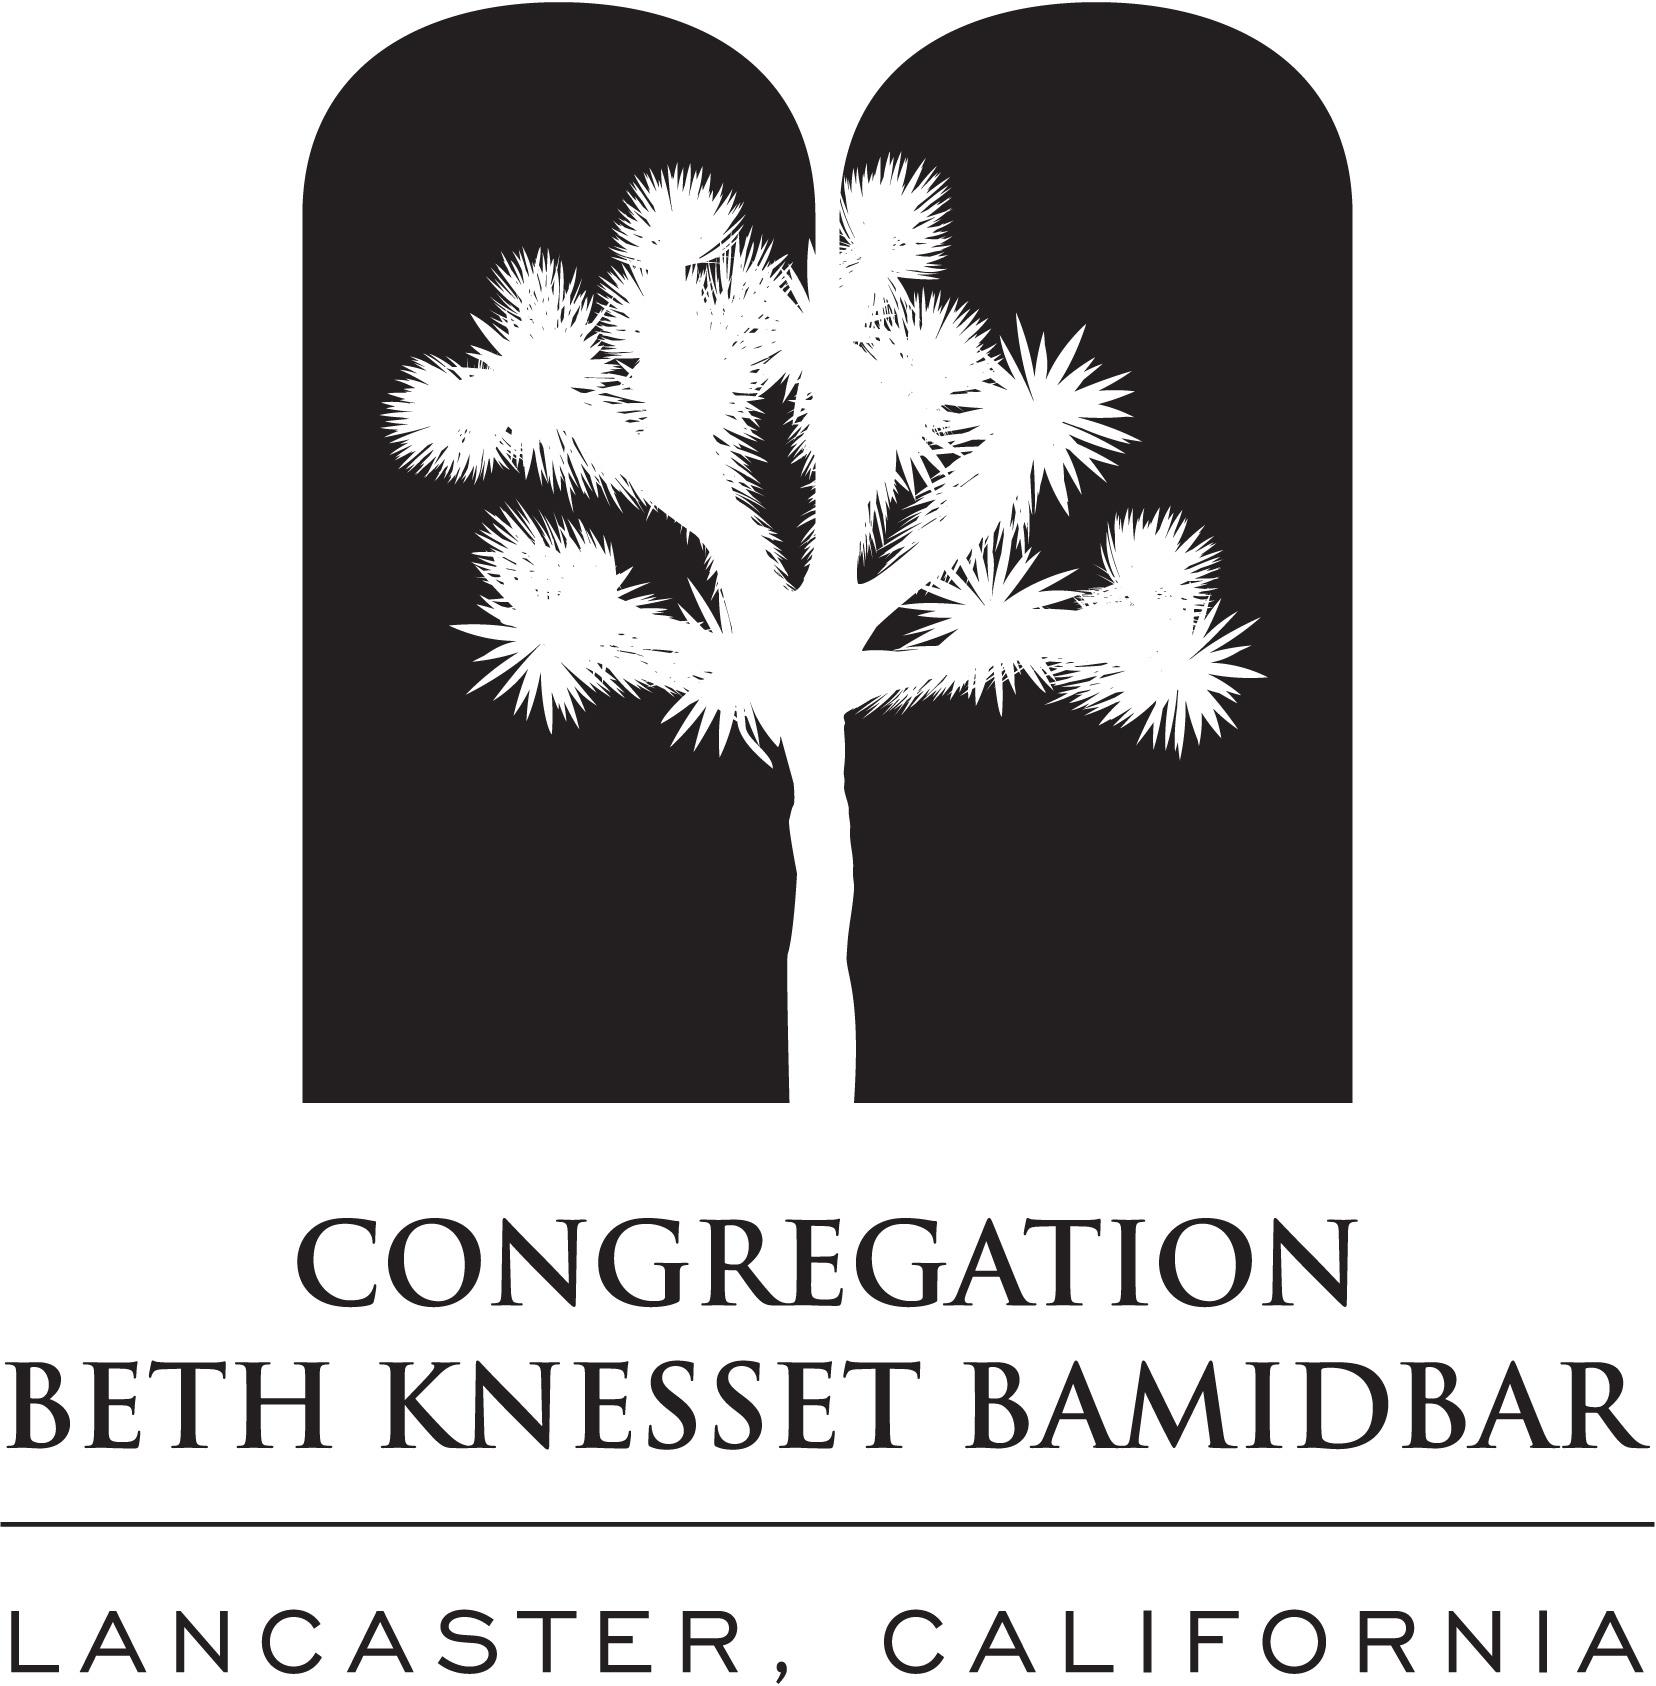 Congregation Beth Knesset Bamidbar